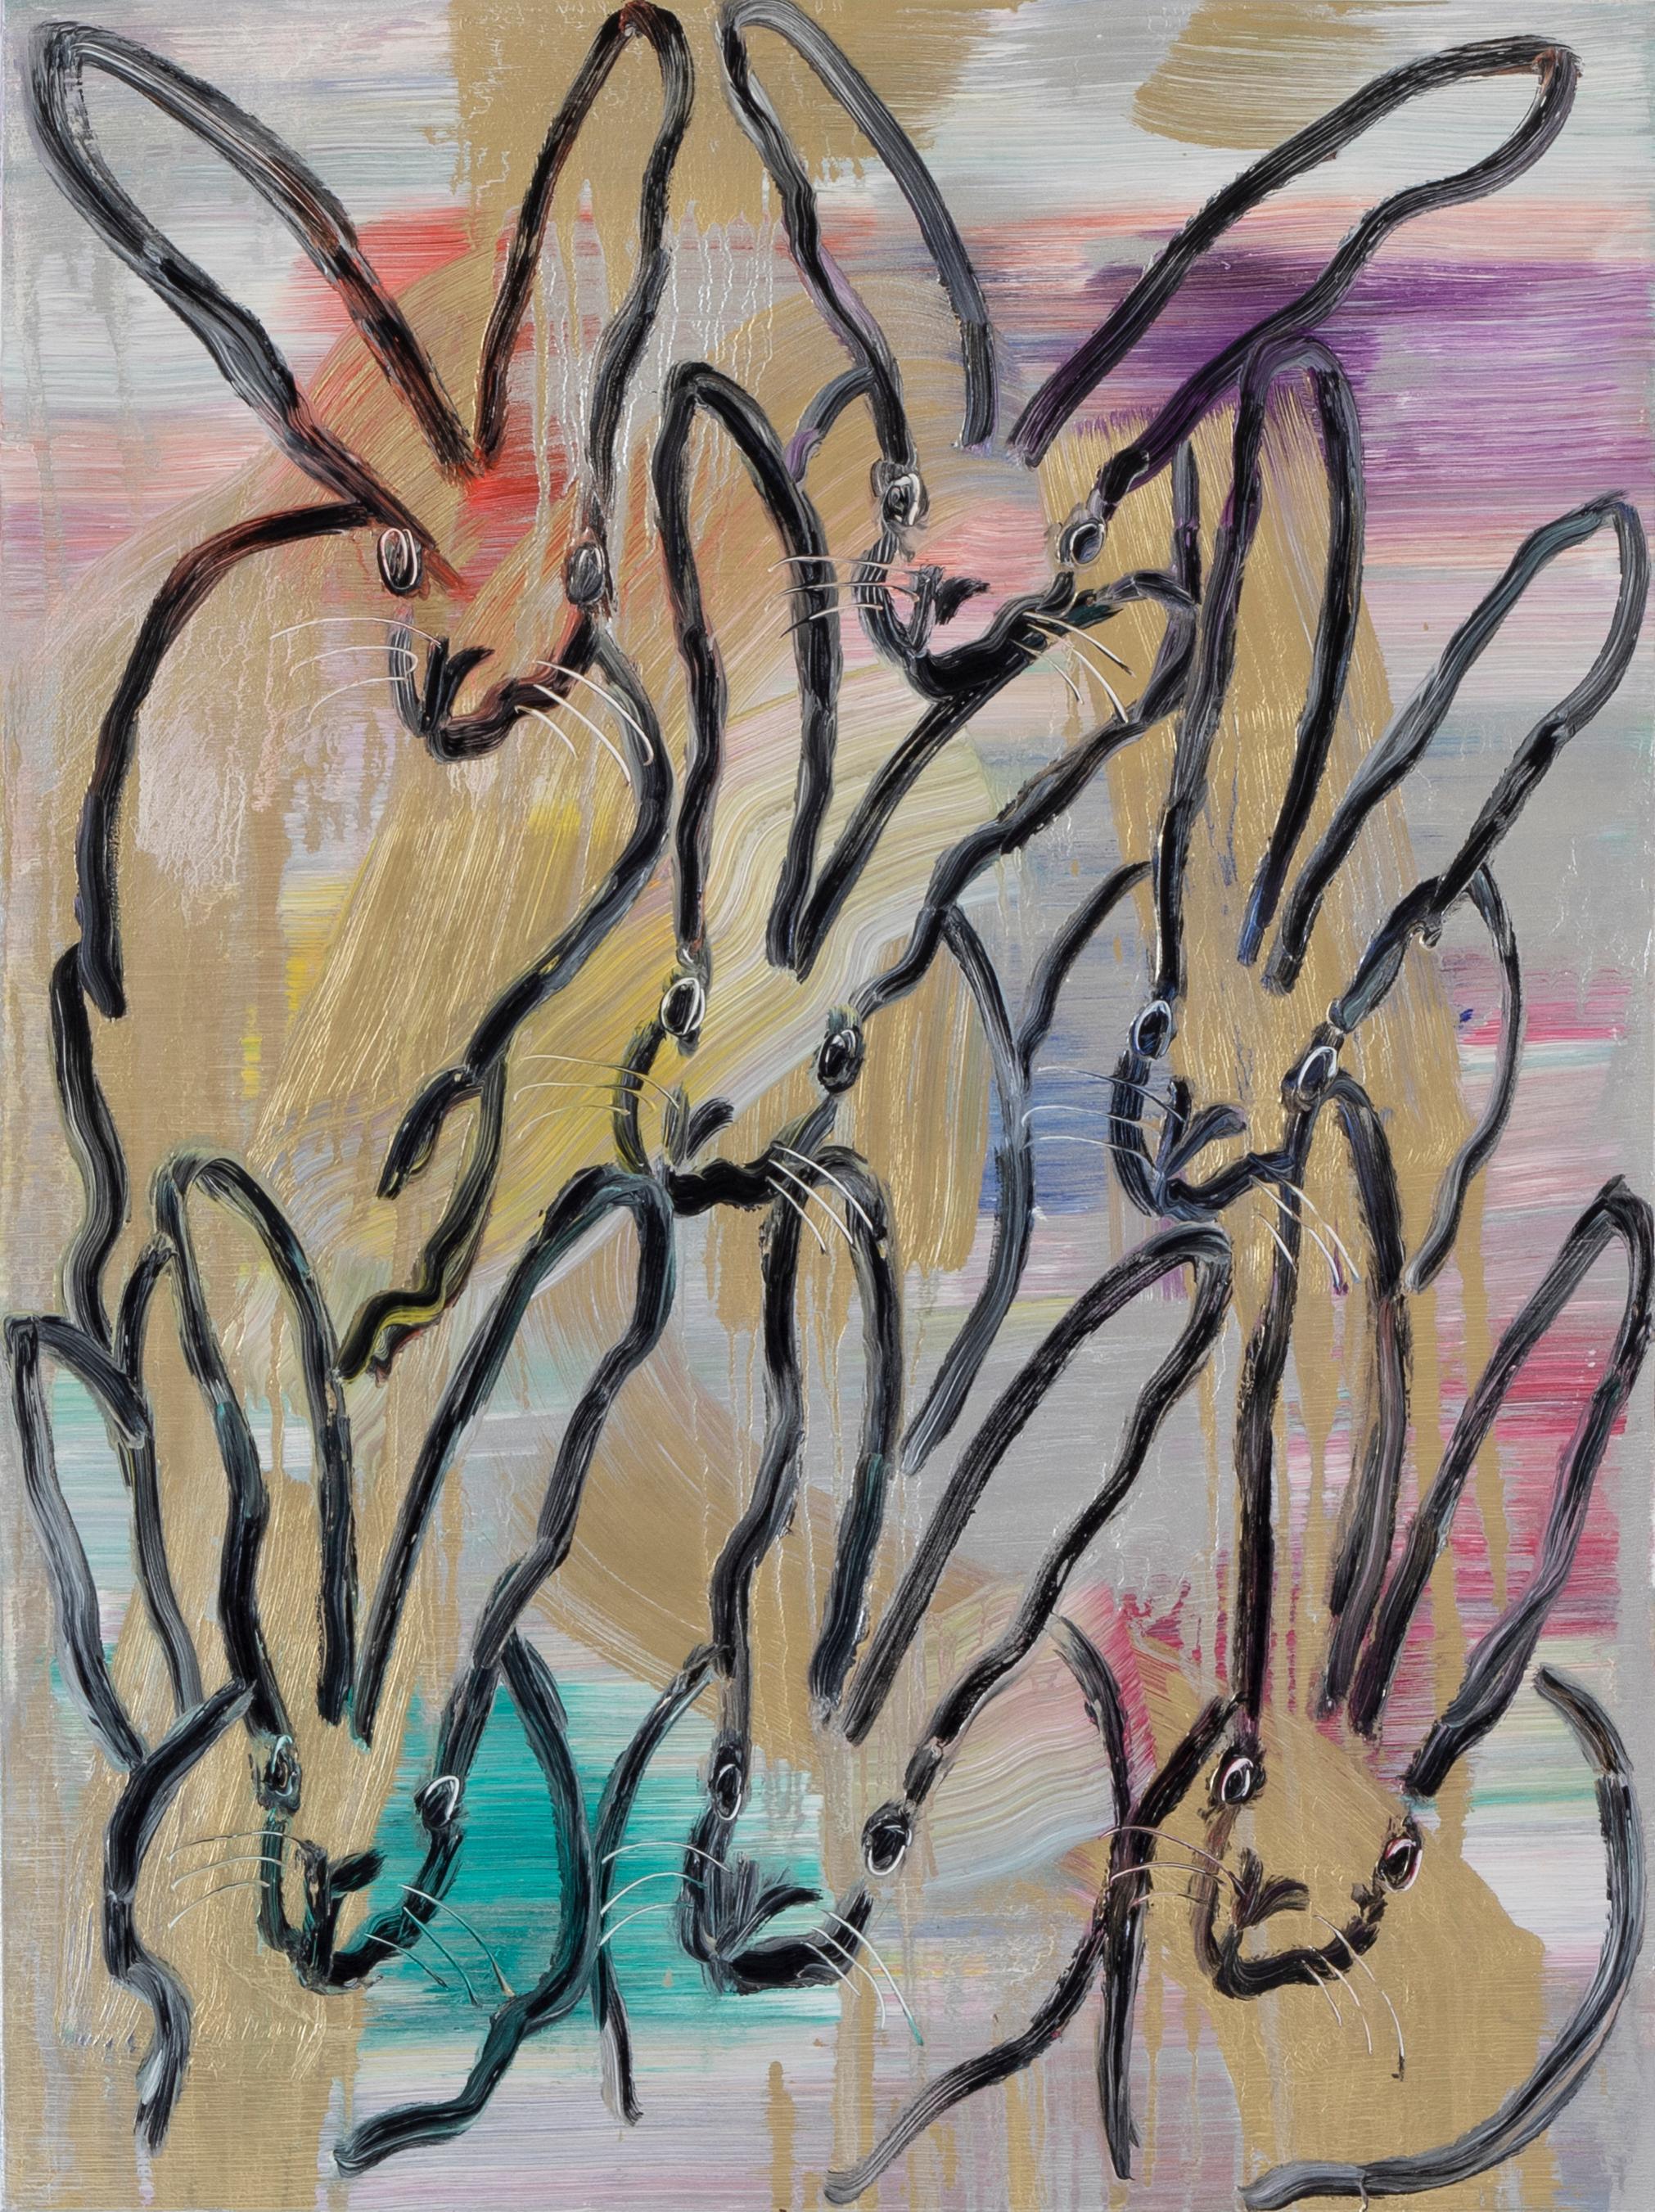 Hunt Slonem Art - 403 For Sale at 1stdibs